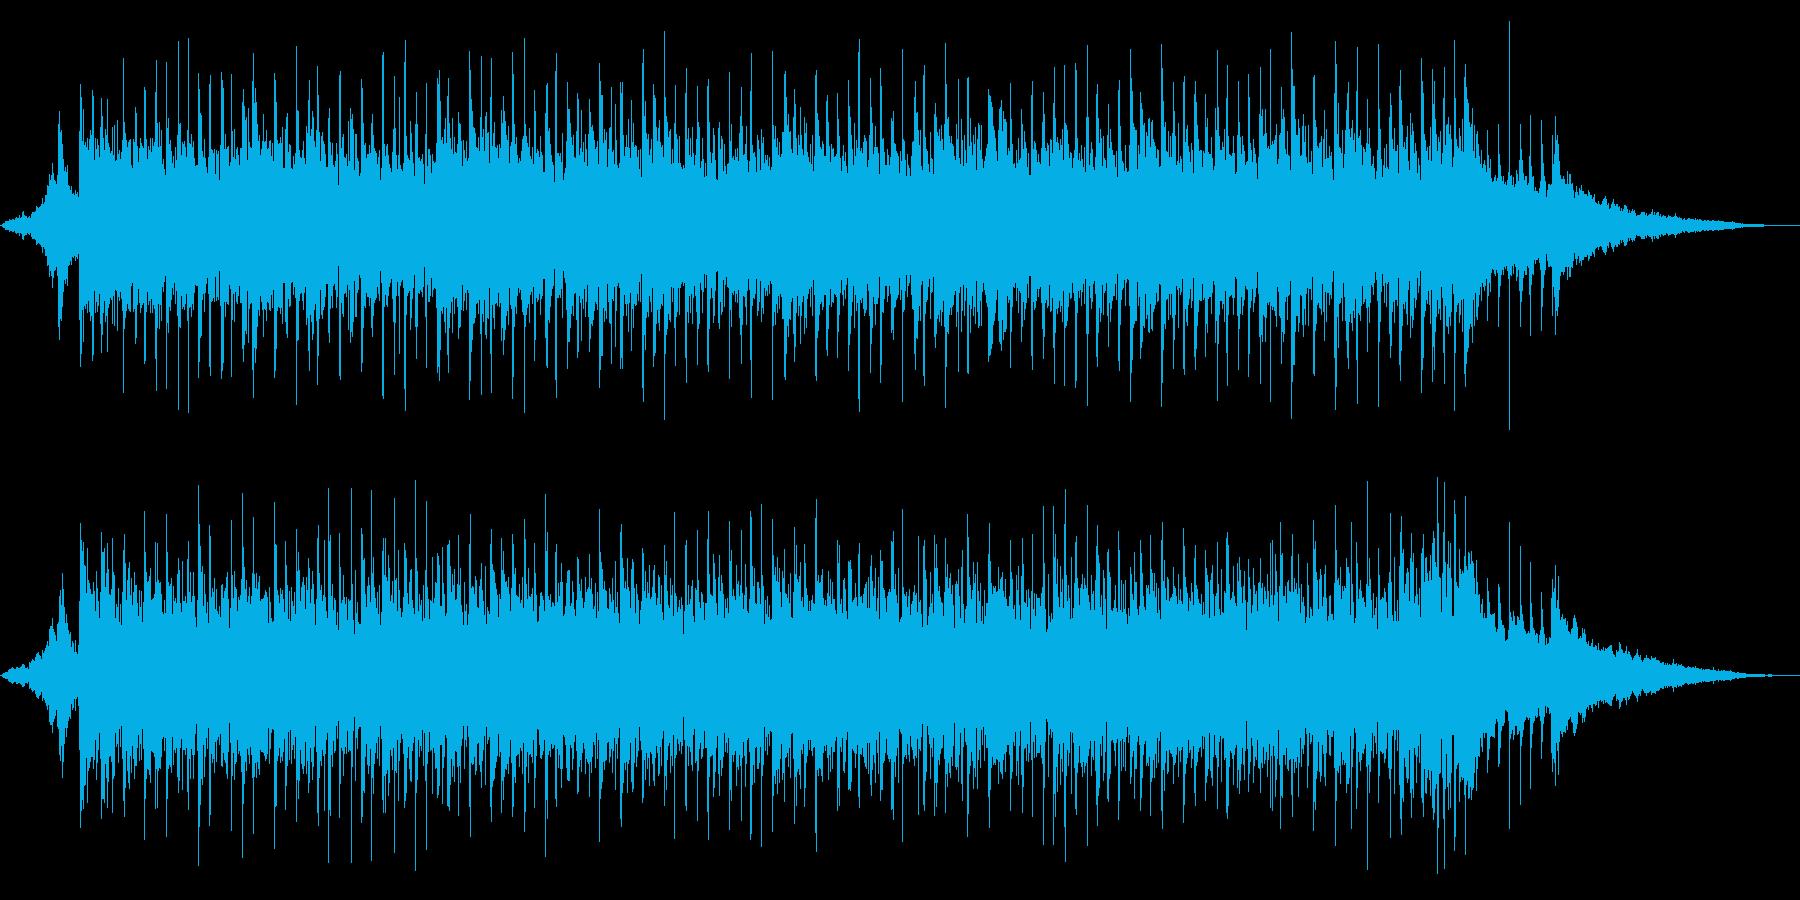 モダン和風EDM/ReMIX/短尺参の再生済みの波形